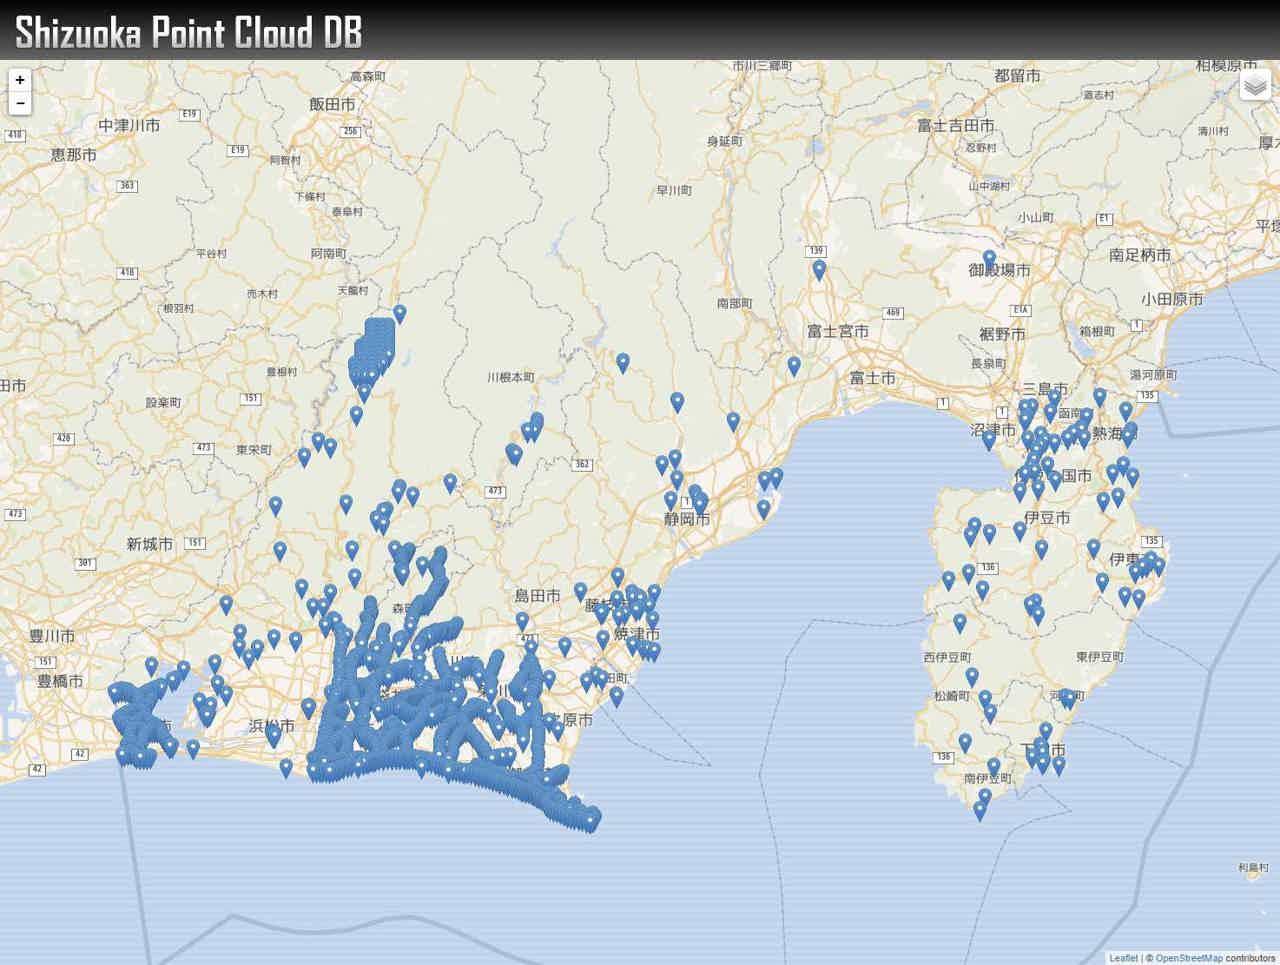 静岡ポイントクラウドデータベース